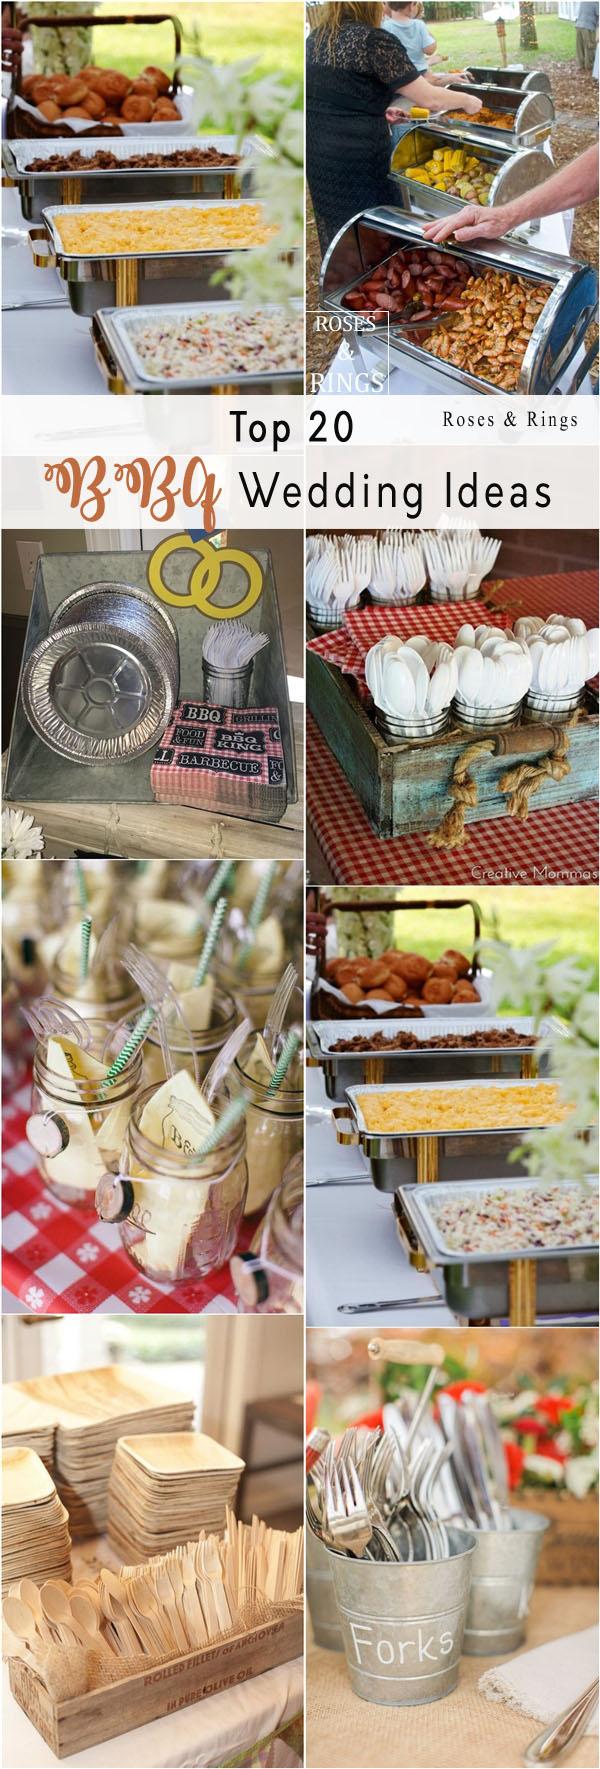 Backyard i do bbq wedding ideas